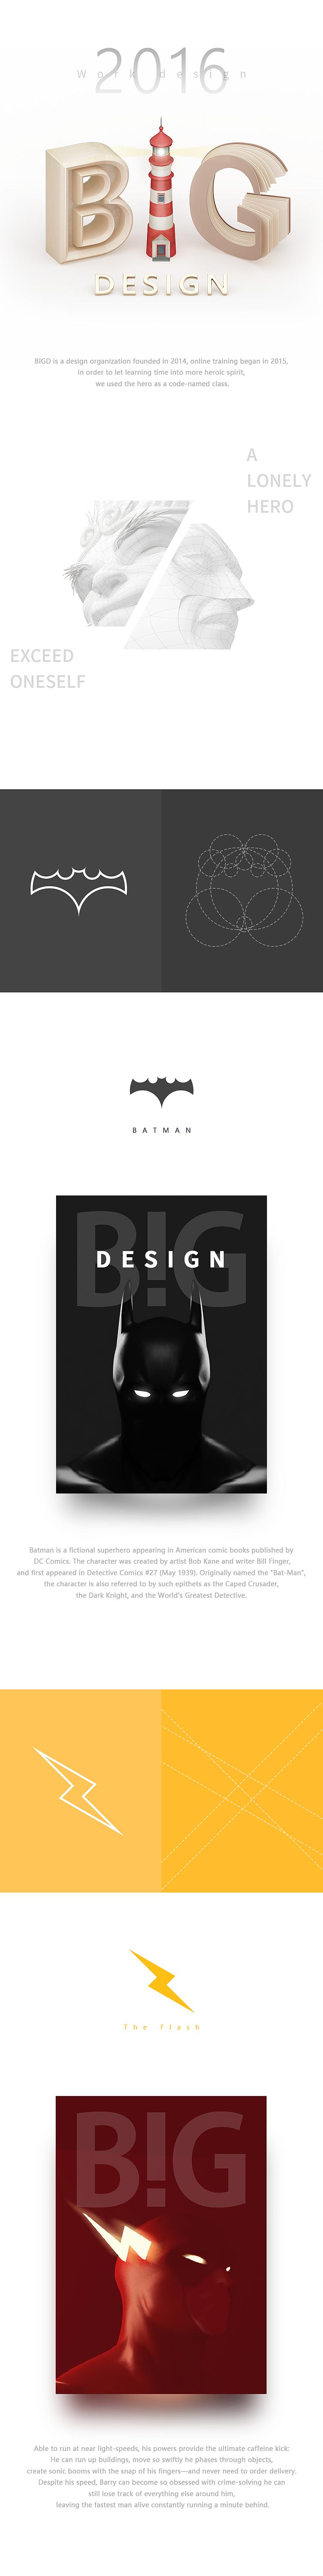 查看《2016Work design》原图,原图尺寸:800x6382